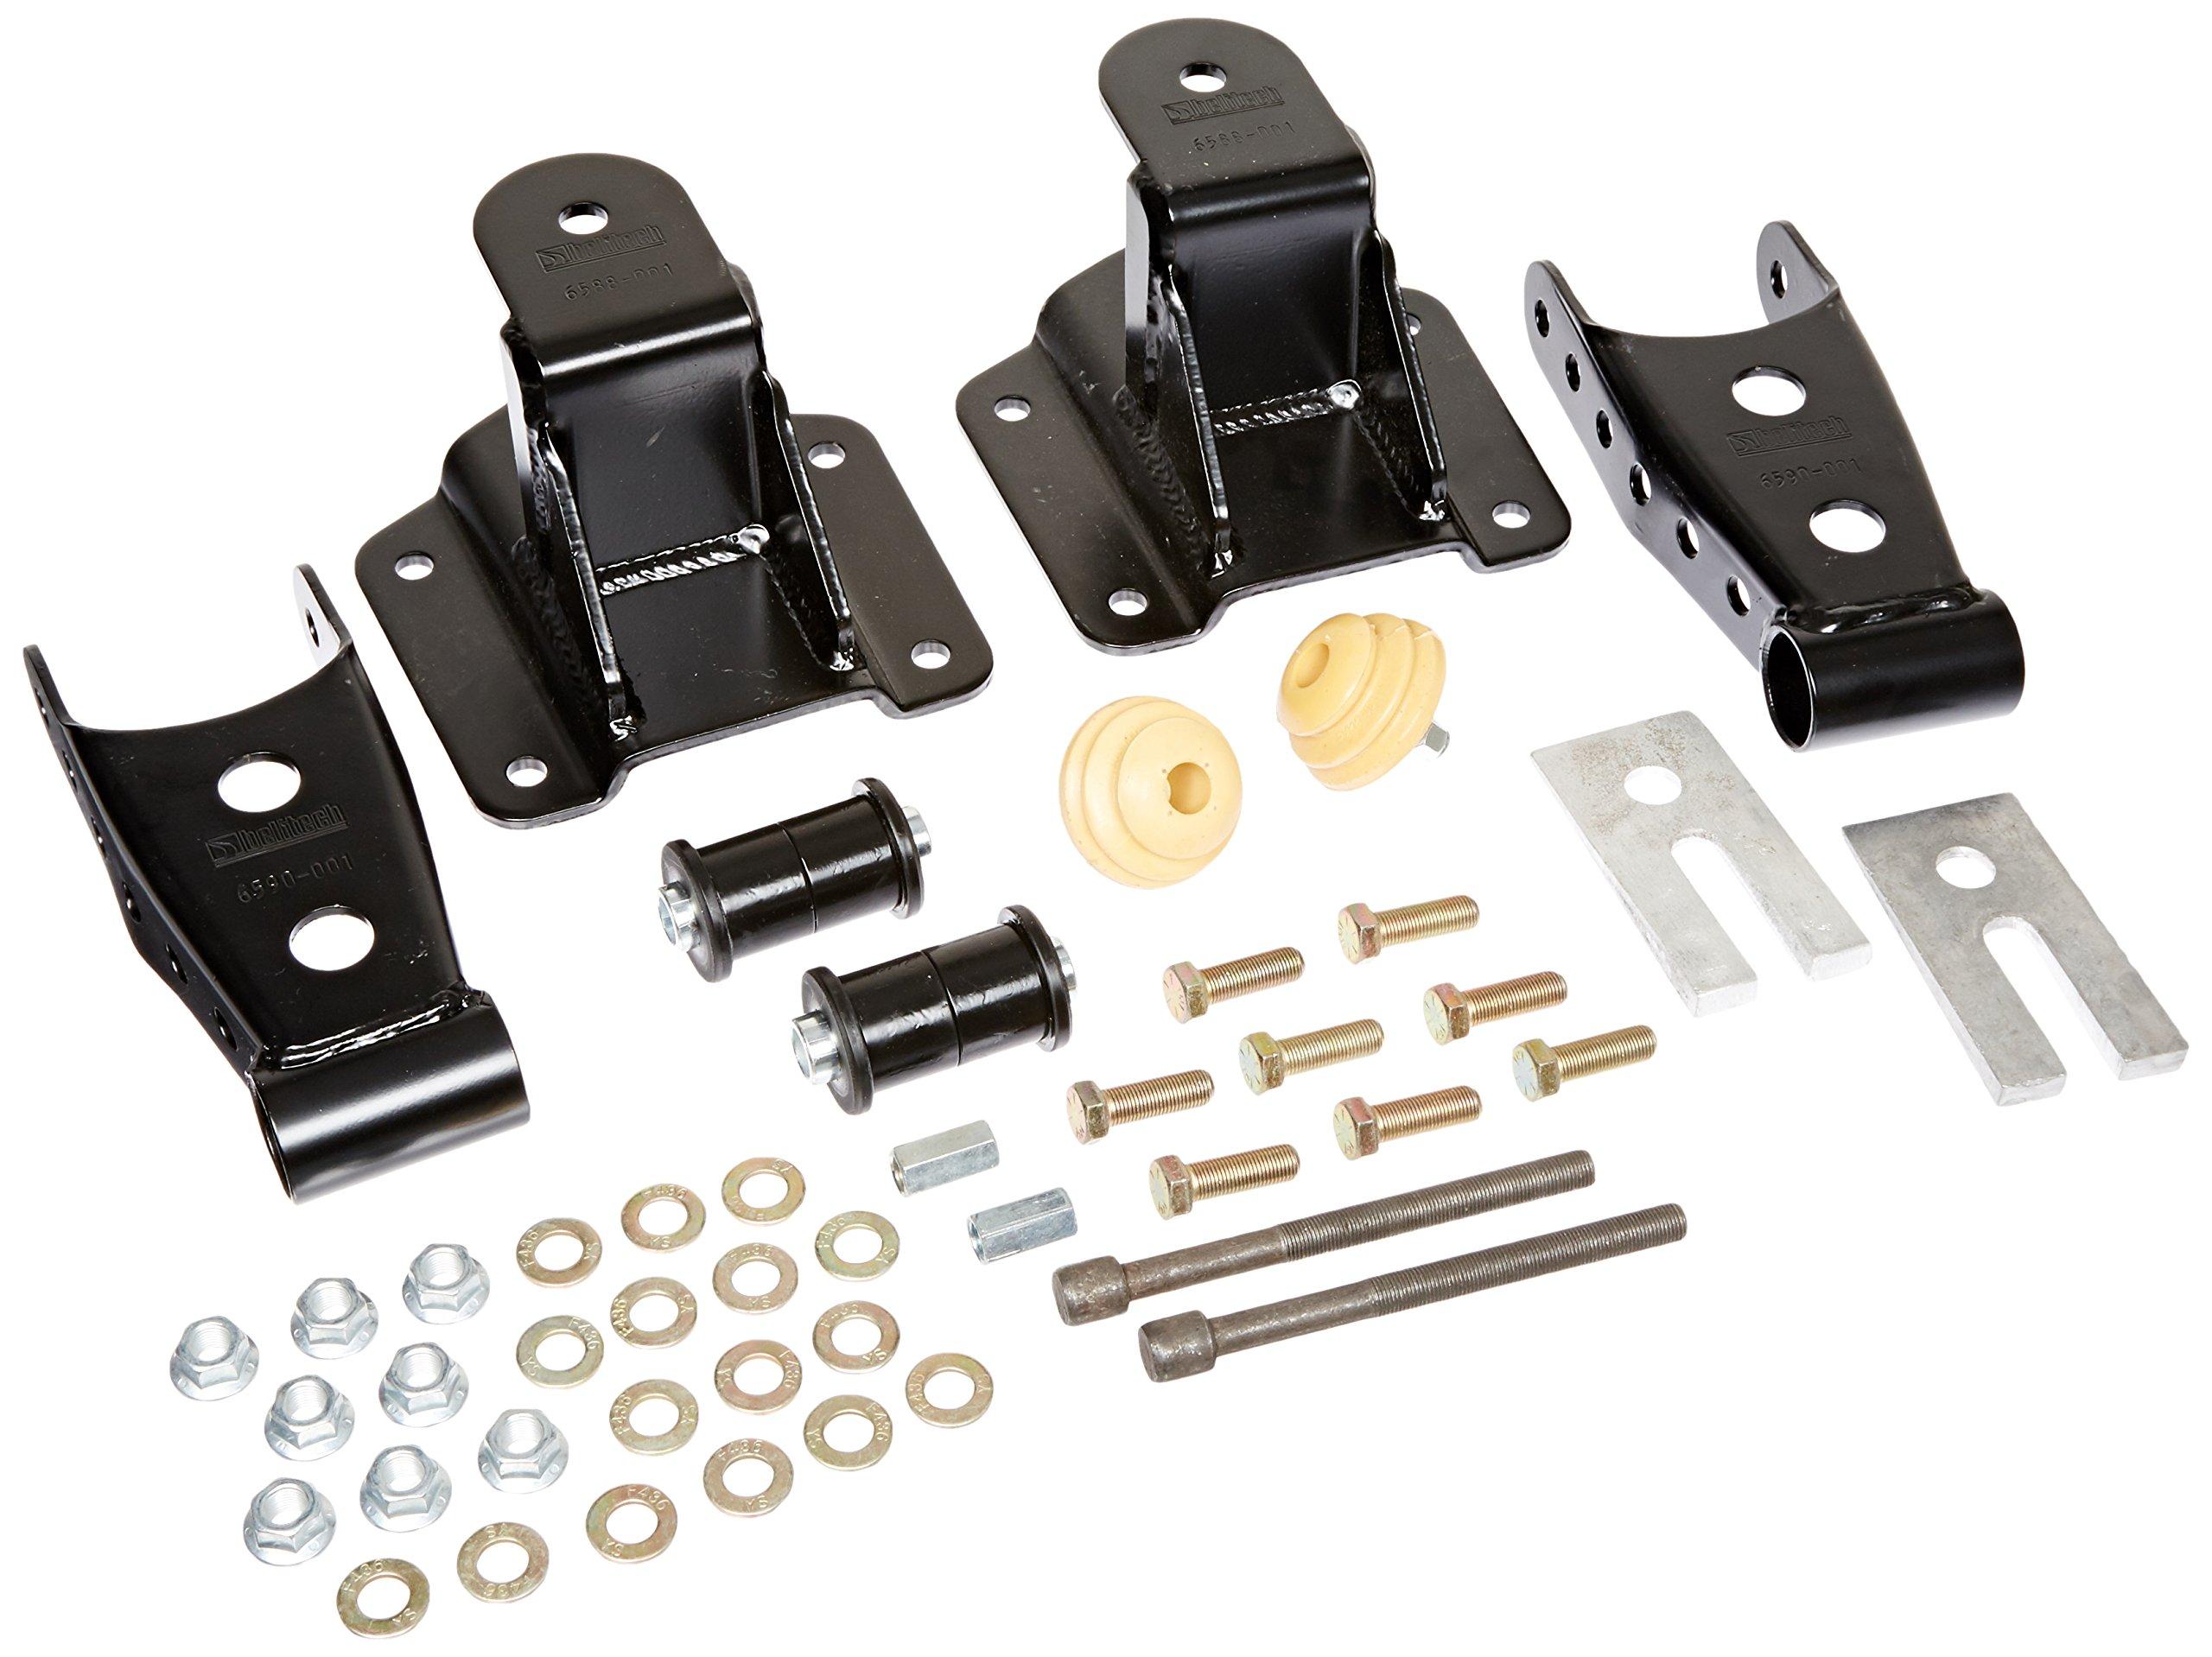 Belltech 6594 Shackle and Hanger Kit